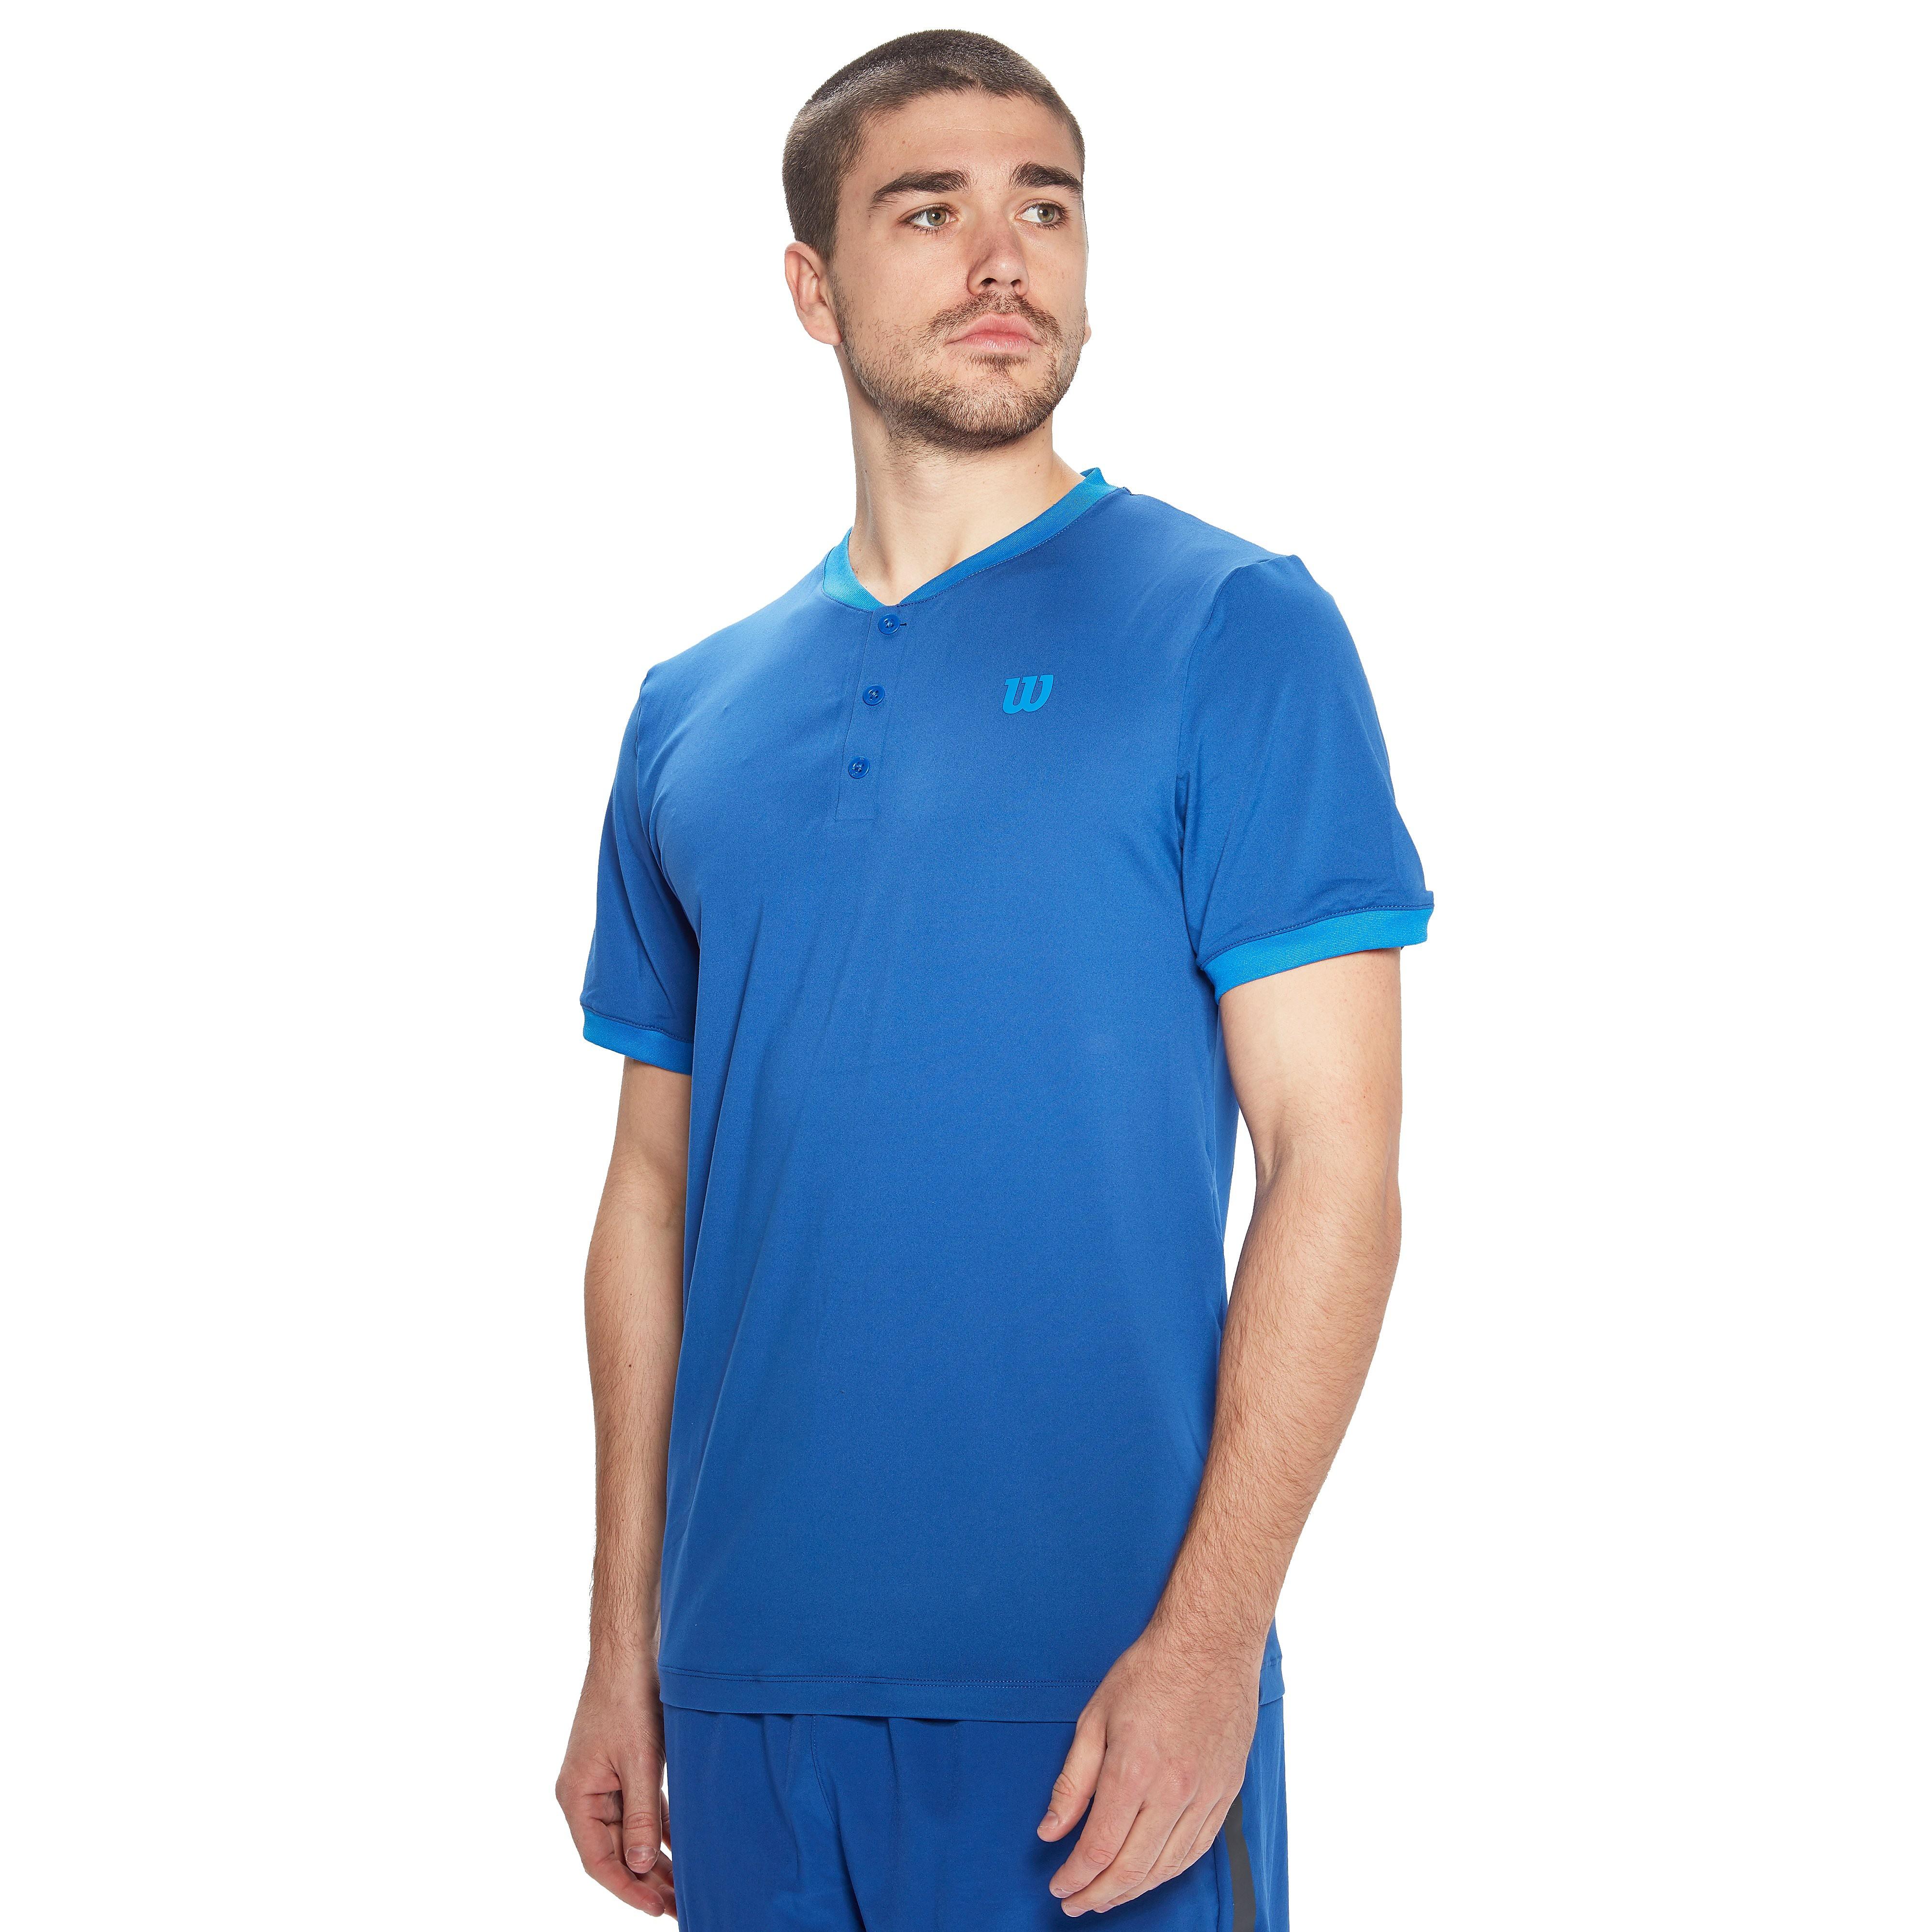 Men's Wilson Spring UWII Henley Tennis Top - Blue, Blue